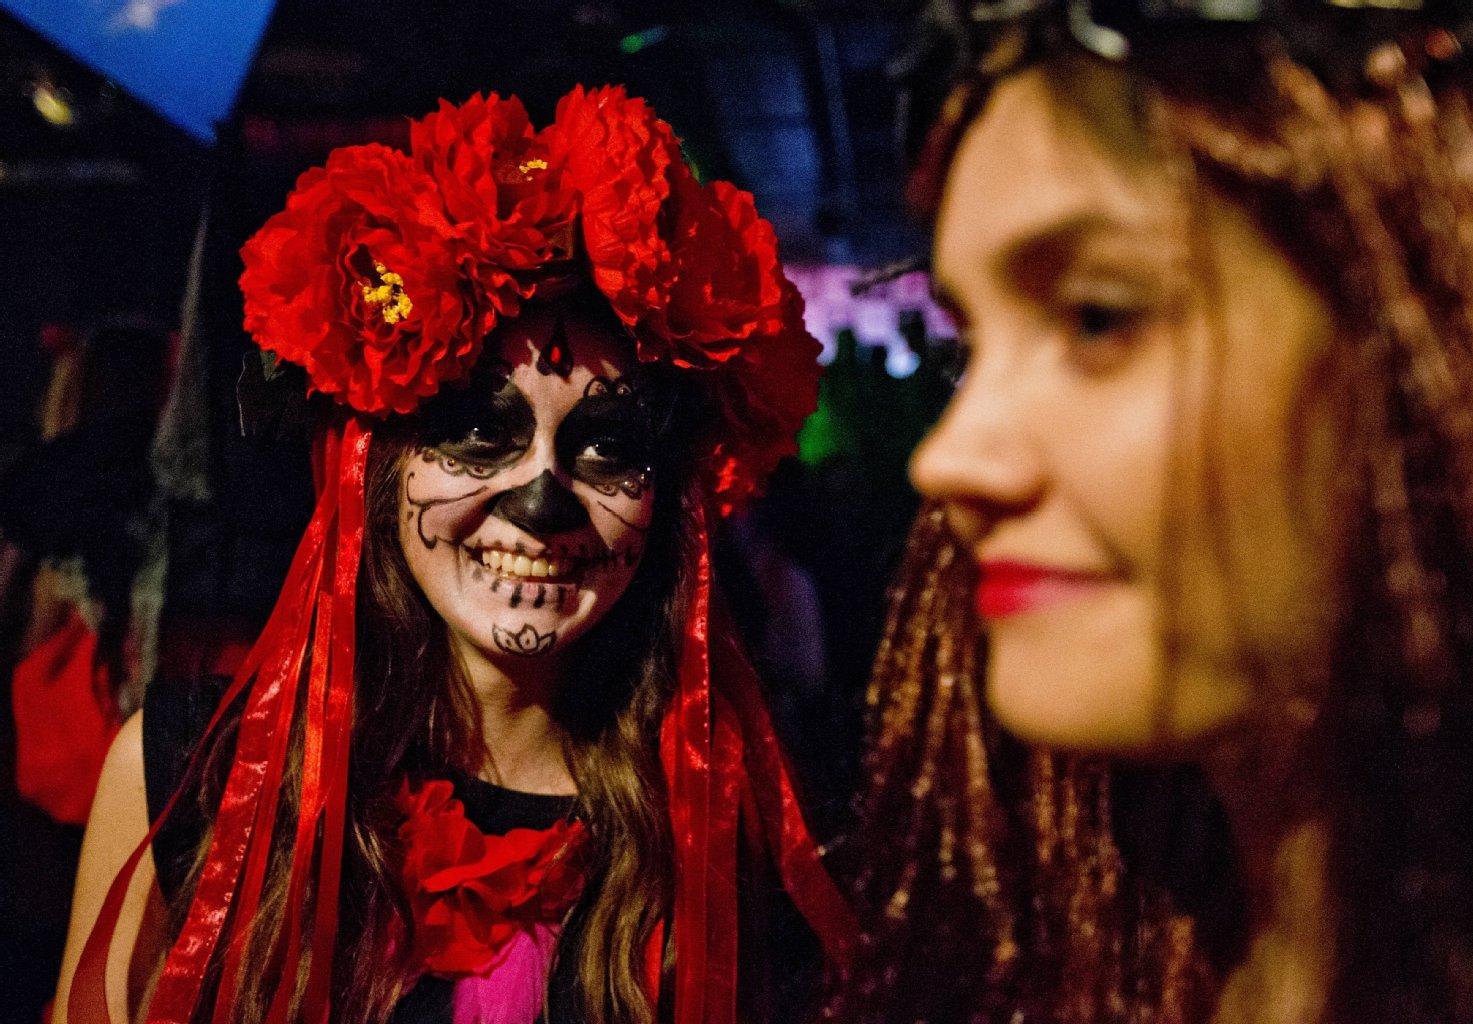 Kostüme Selber Machen: Sieben Halloween-Kostüm-Ideen Für in Halloween Kostüm Selber Machen Günstig